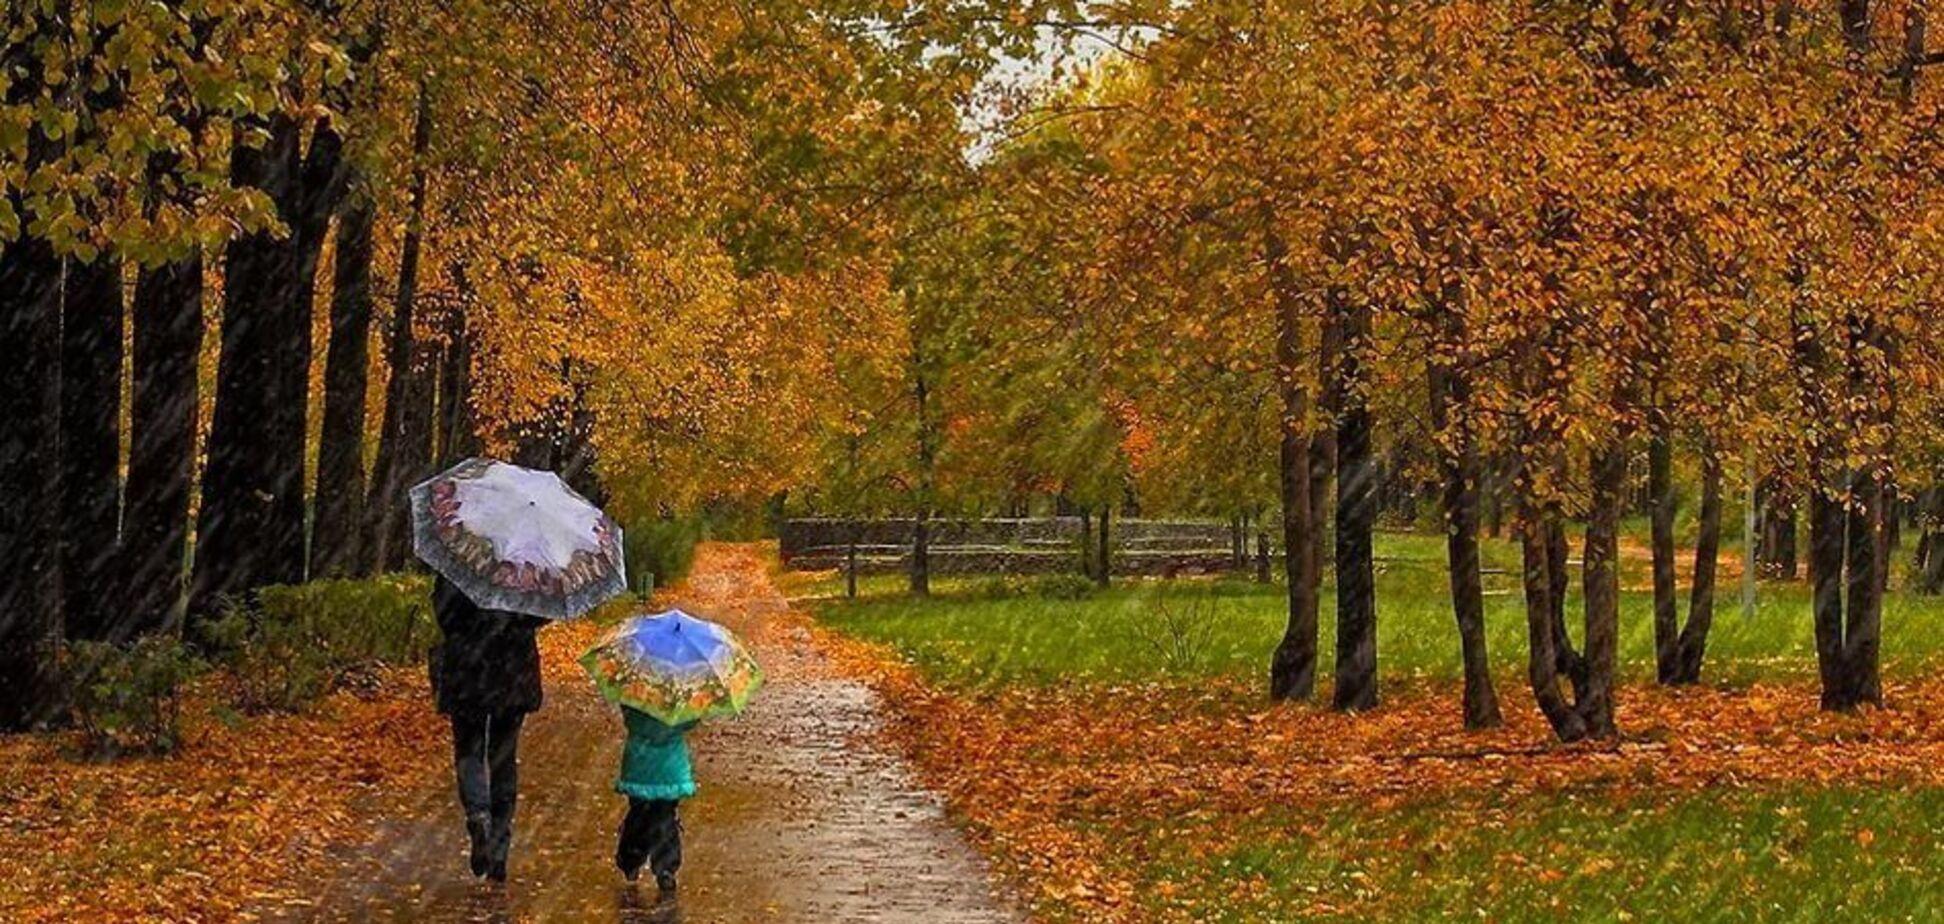 Прогноз погоды: на севере и востоке страны ожидается дождь